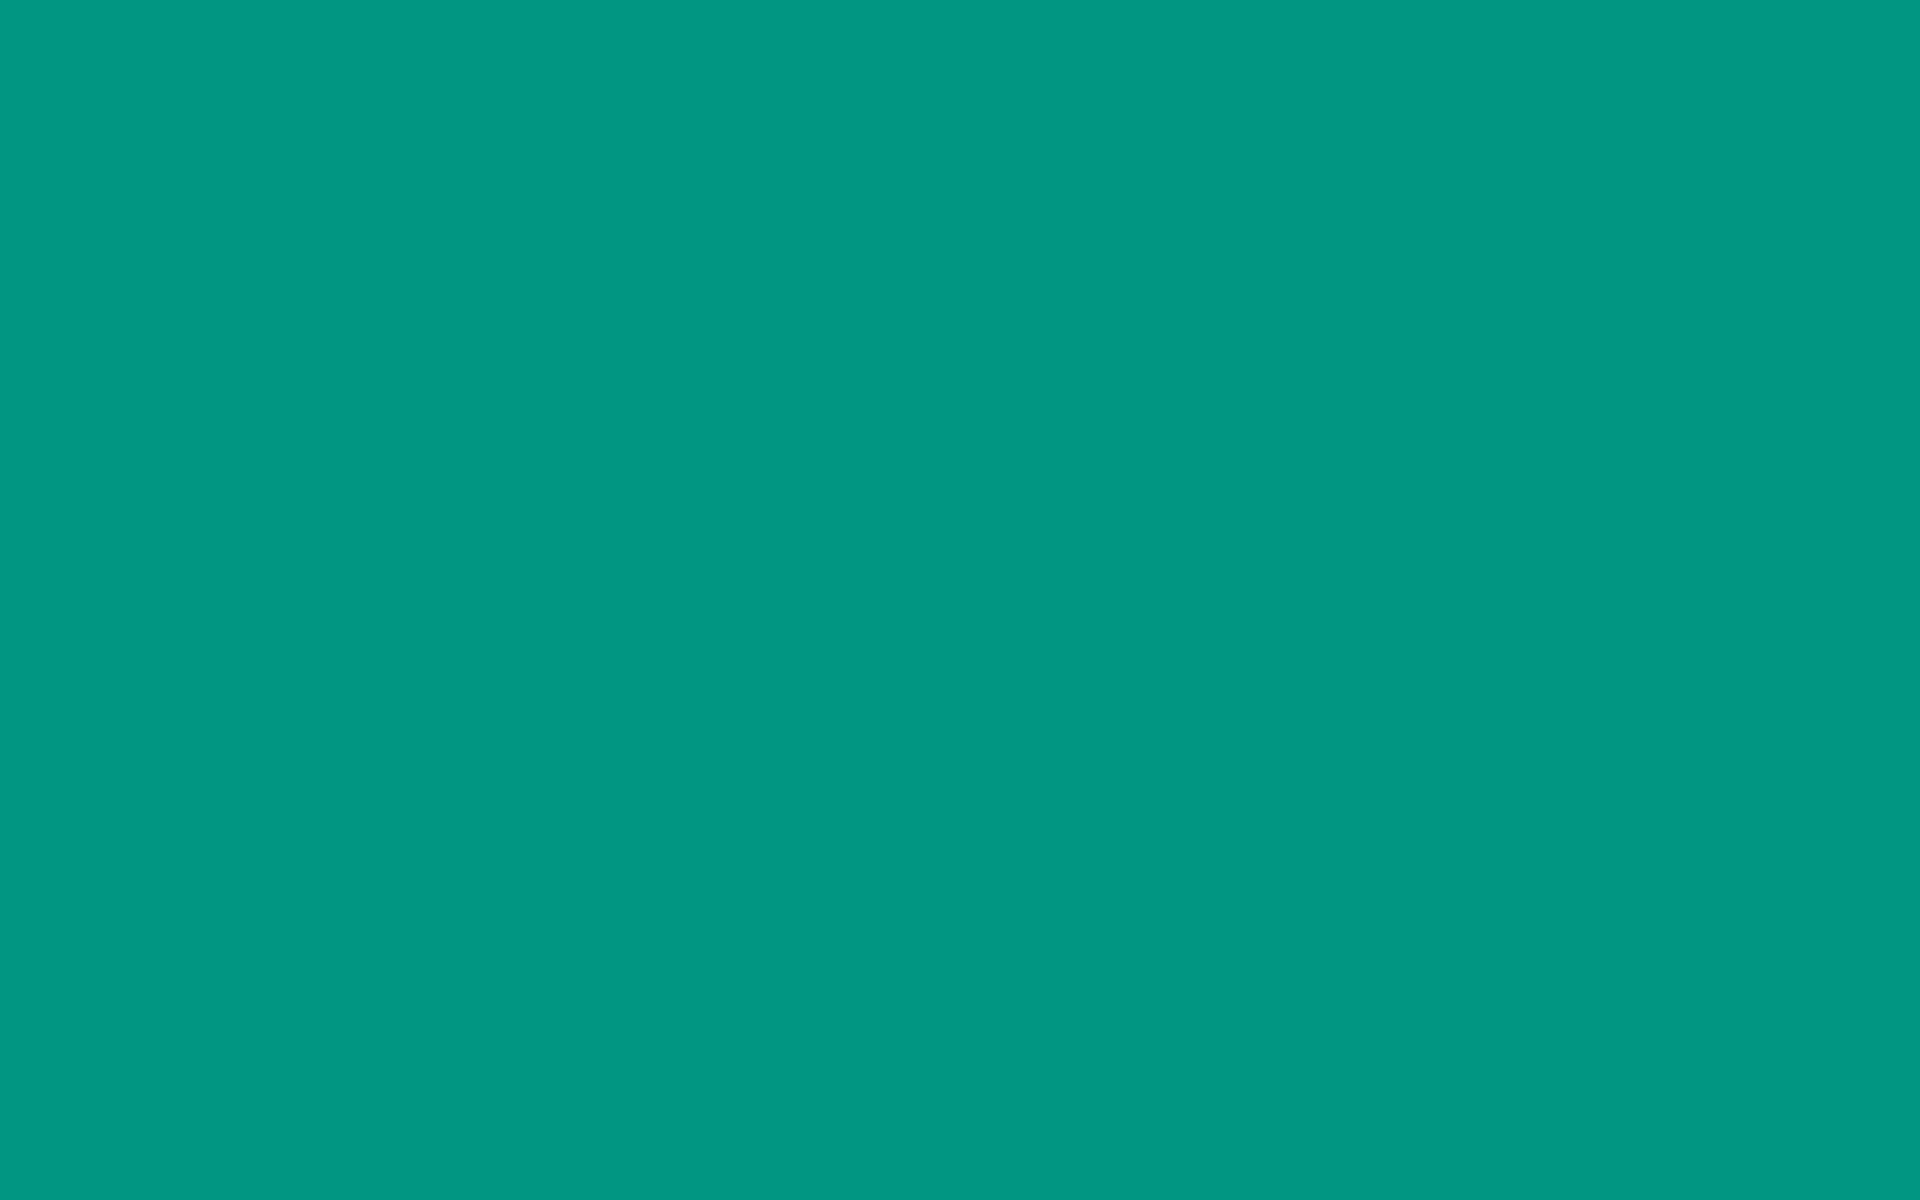 Svobodní - barva